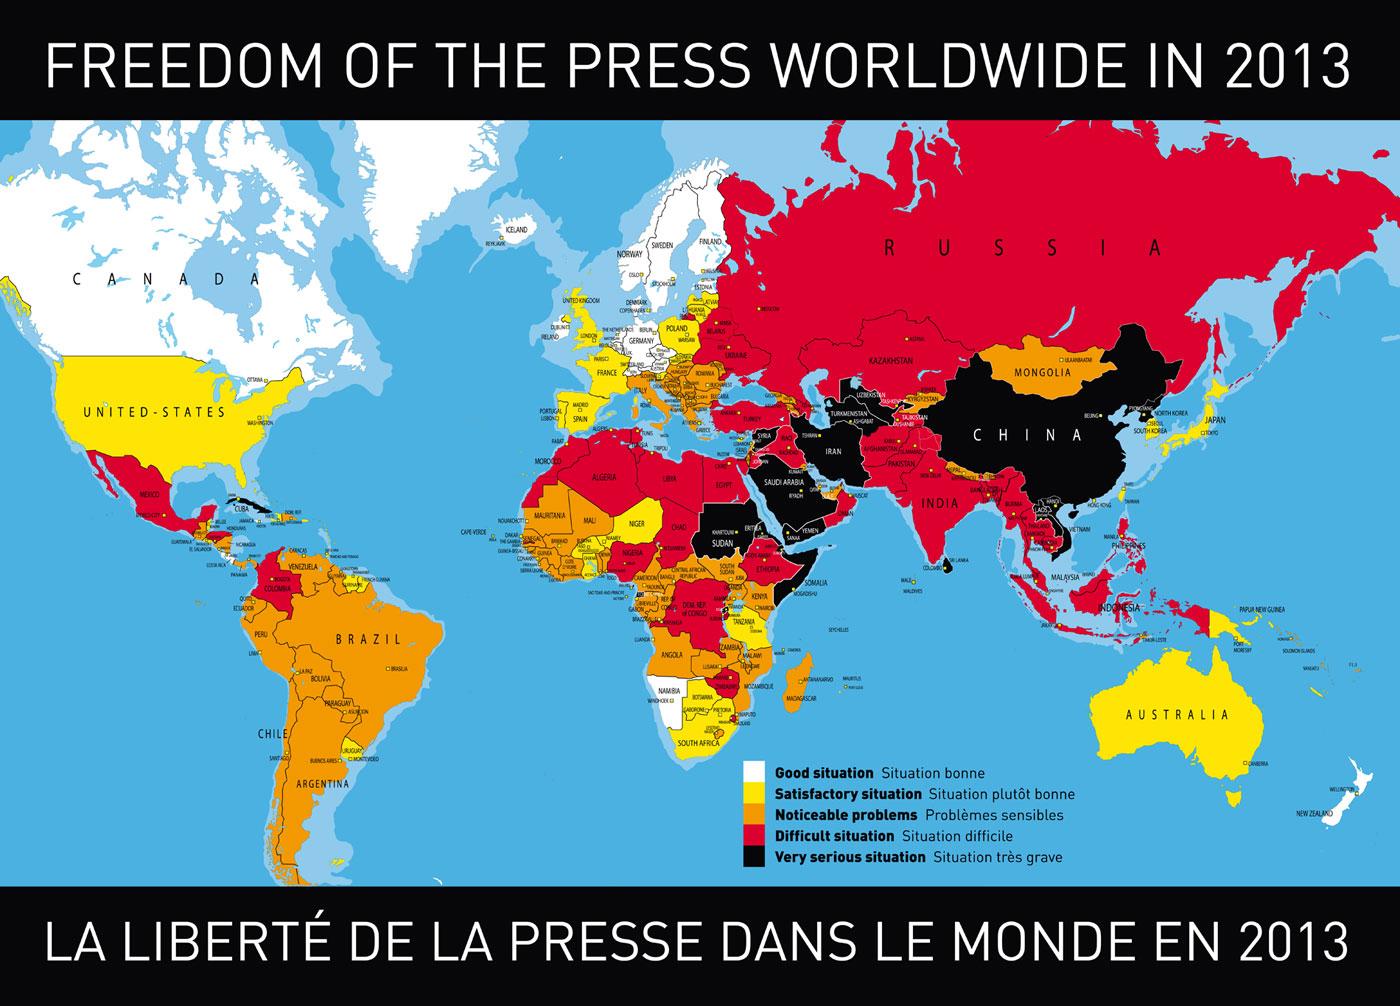 RSF_2013-carte-liberte-presse_1900